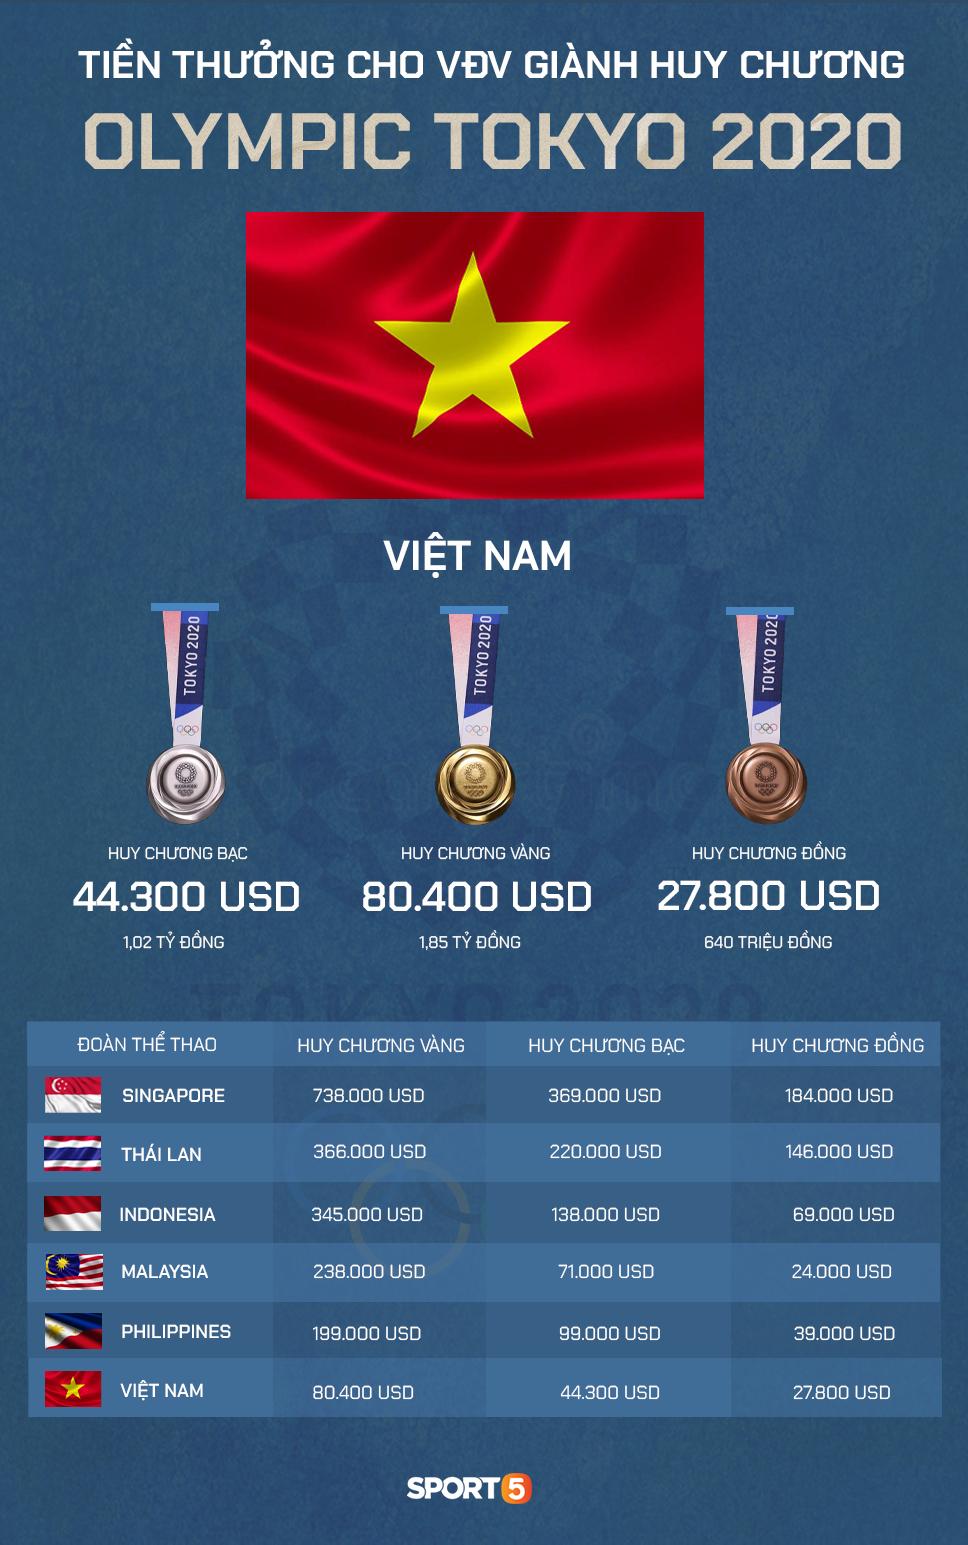 Hai vận động viên vinh dự cầm cờ đoàn thể thao Việt Nam tại lễ khai mạc Olympic Tokyo 2020 - Ảnh 4.